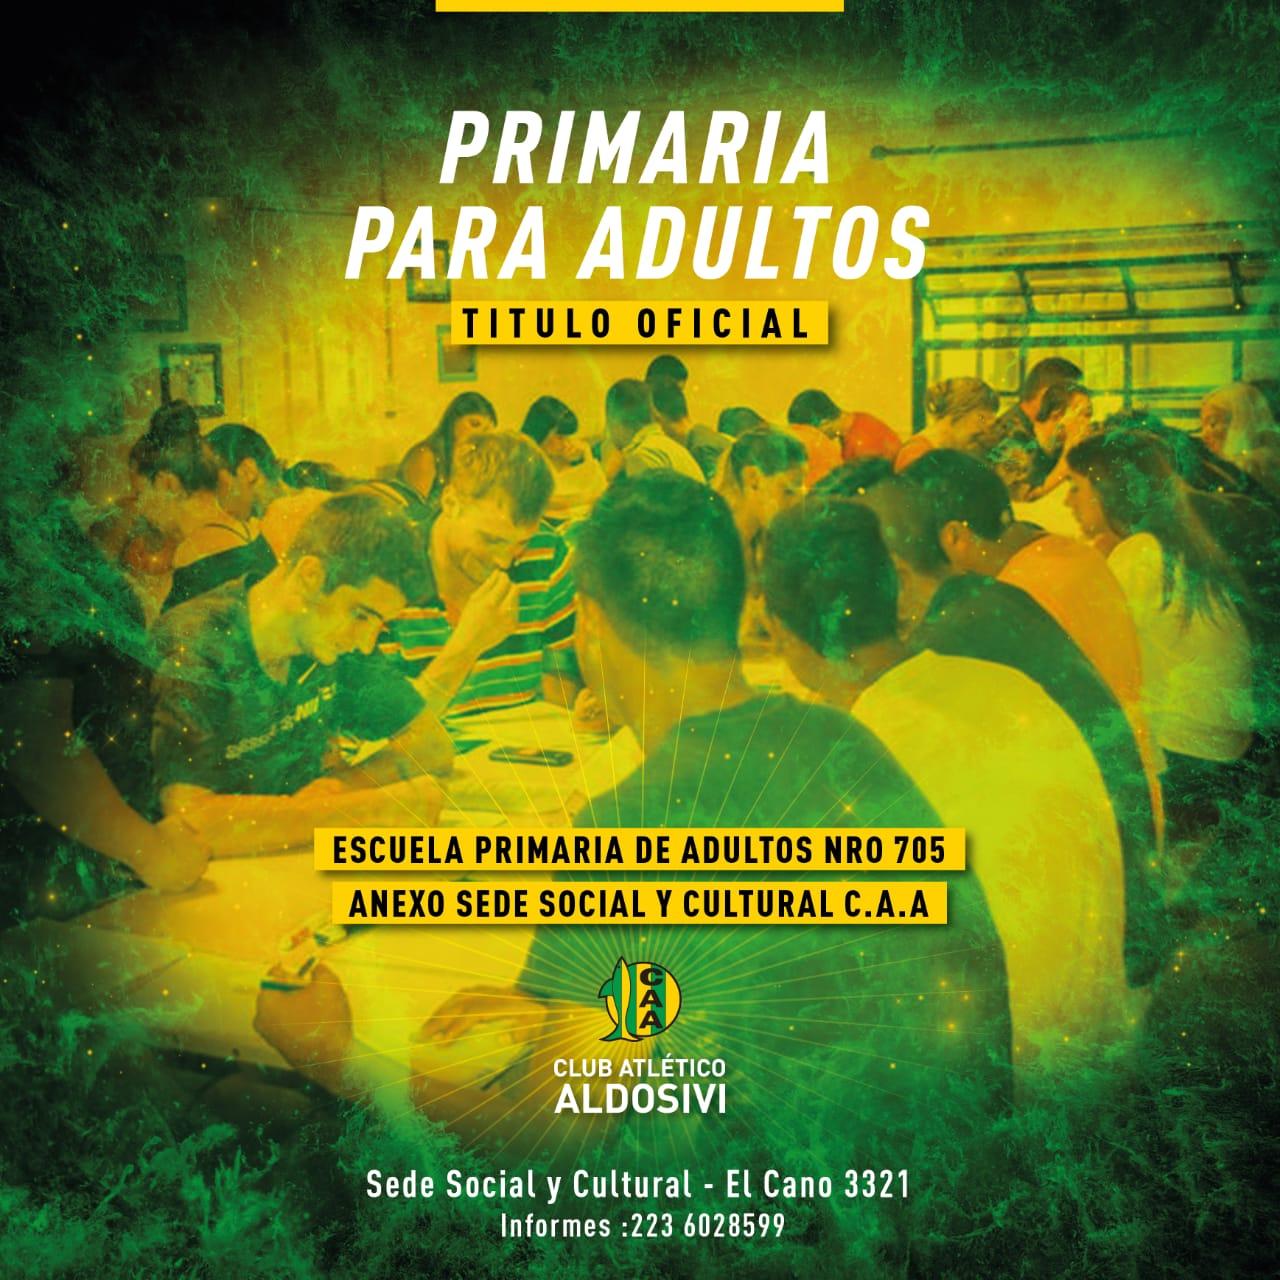 Escuela Primaria de jóvenes y adultos